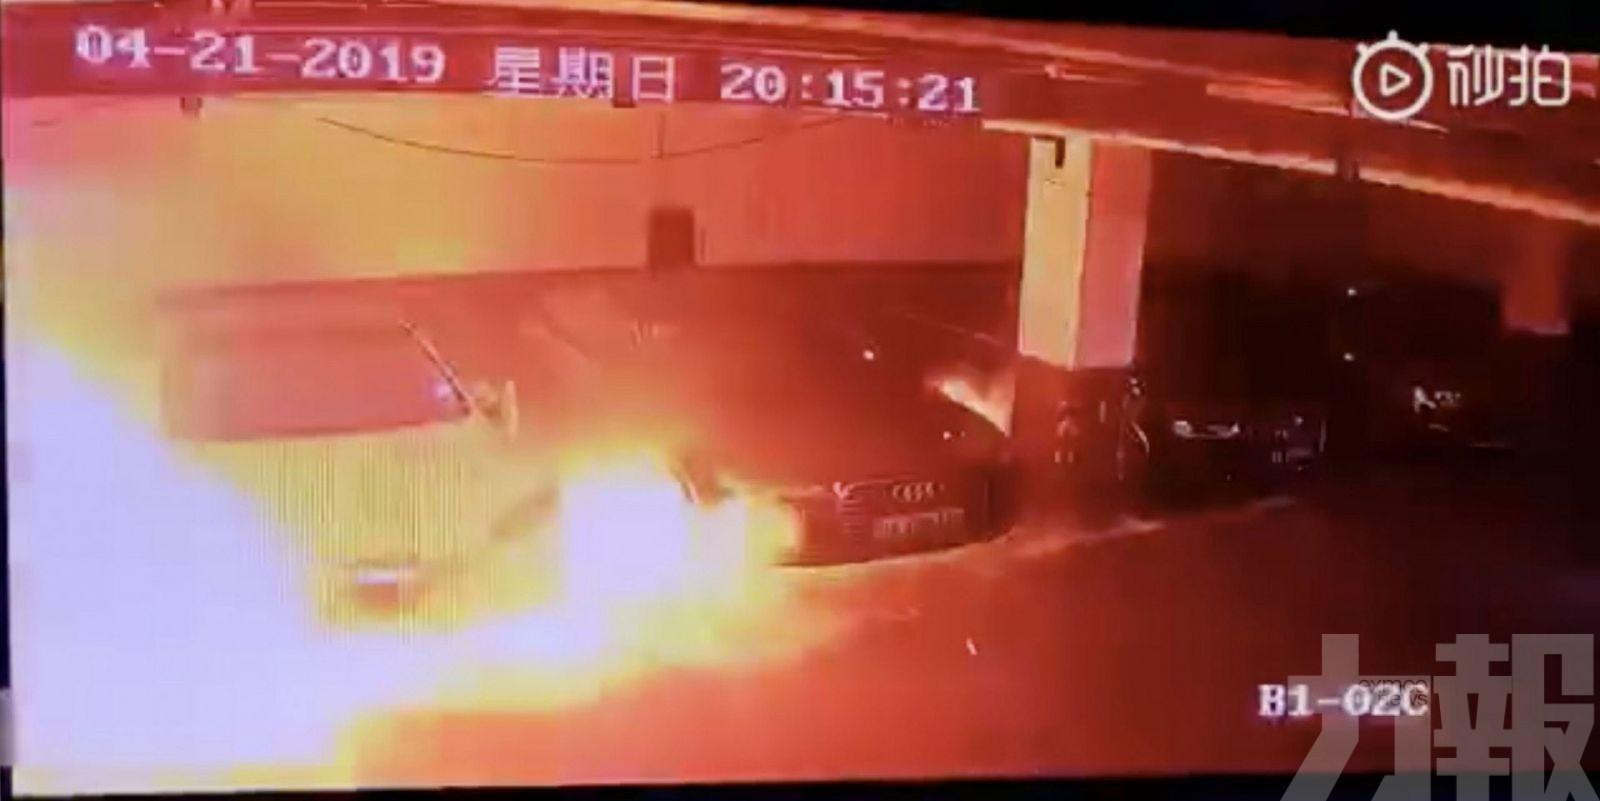 車身瞬間被大火吞噬